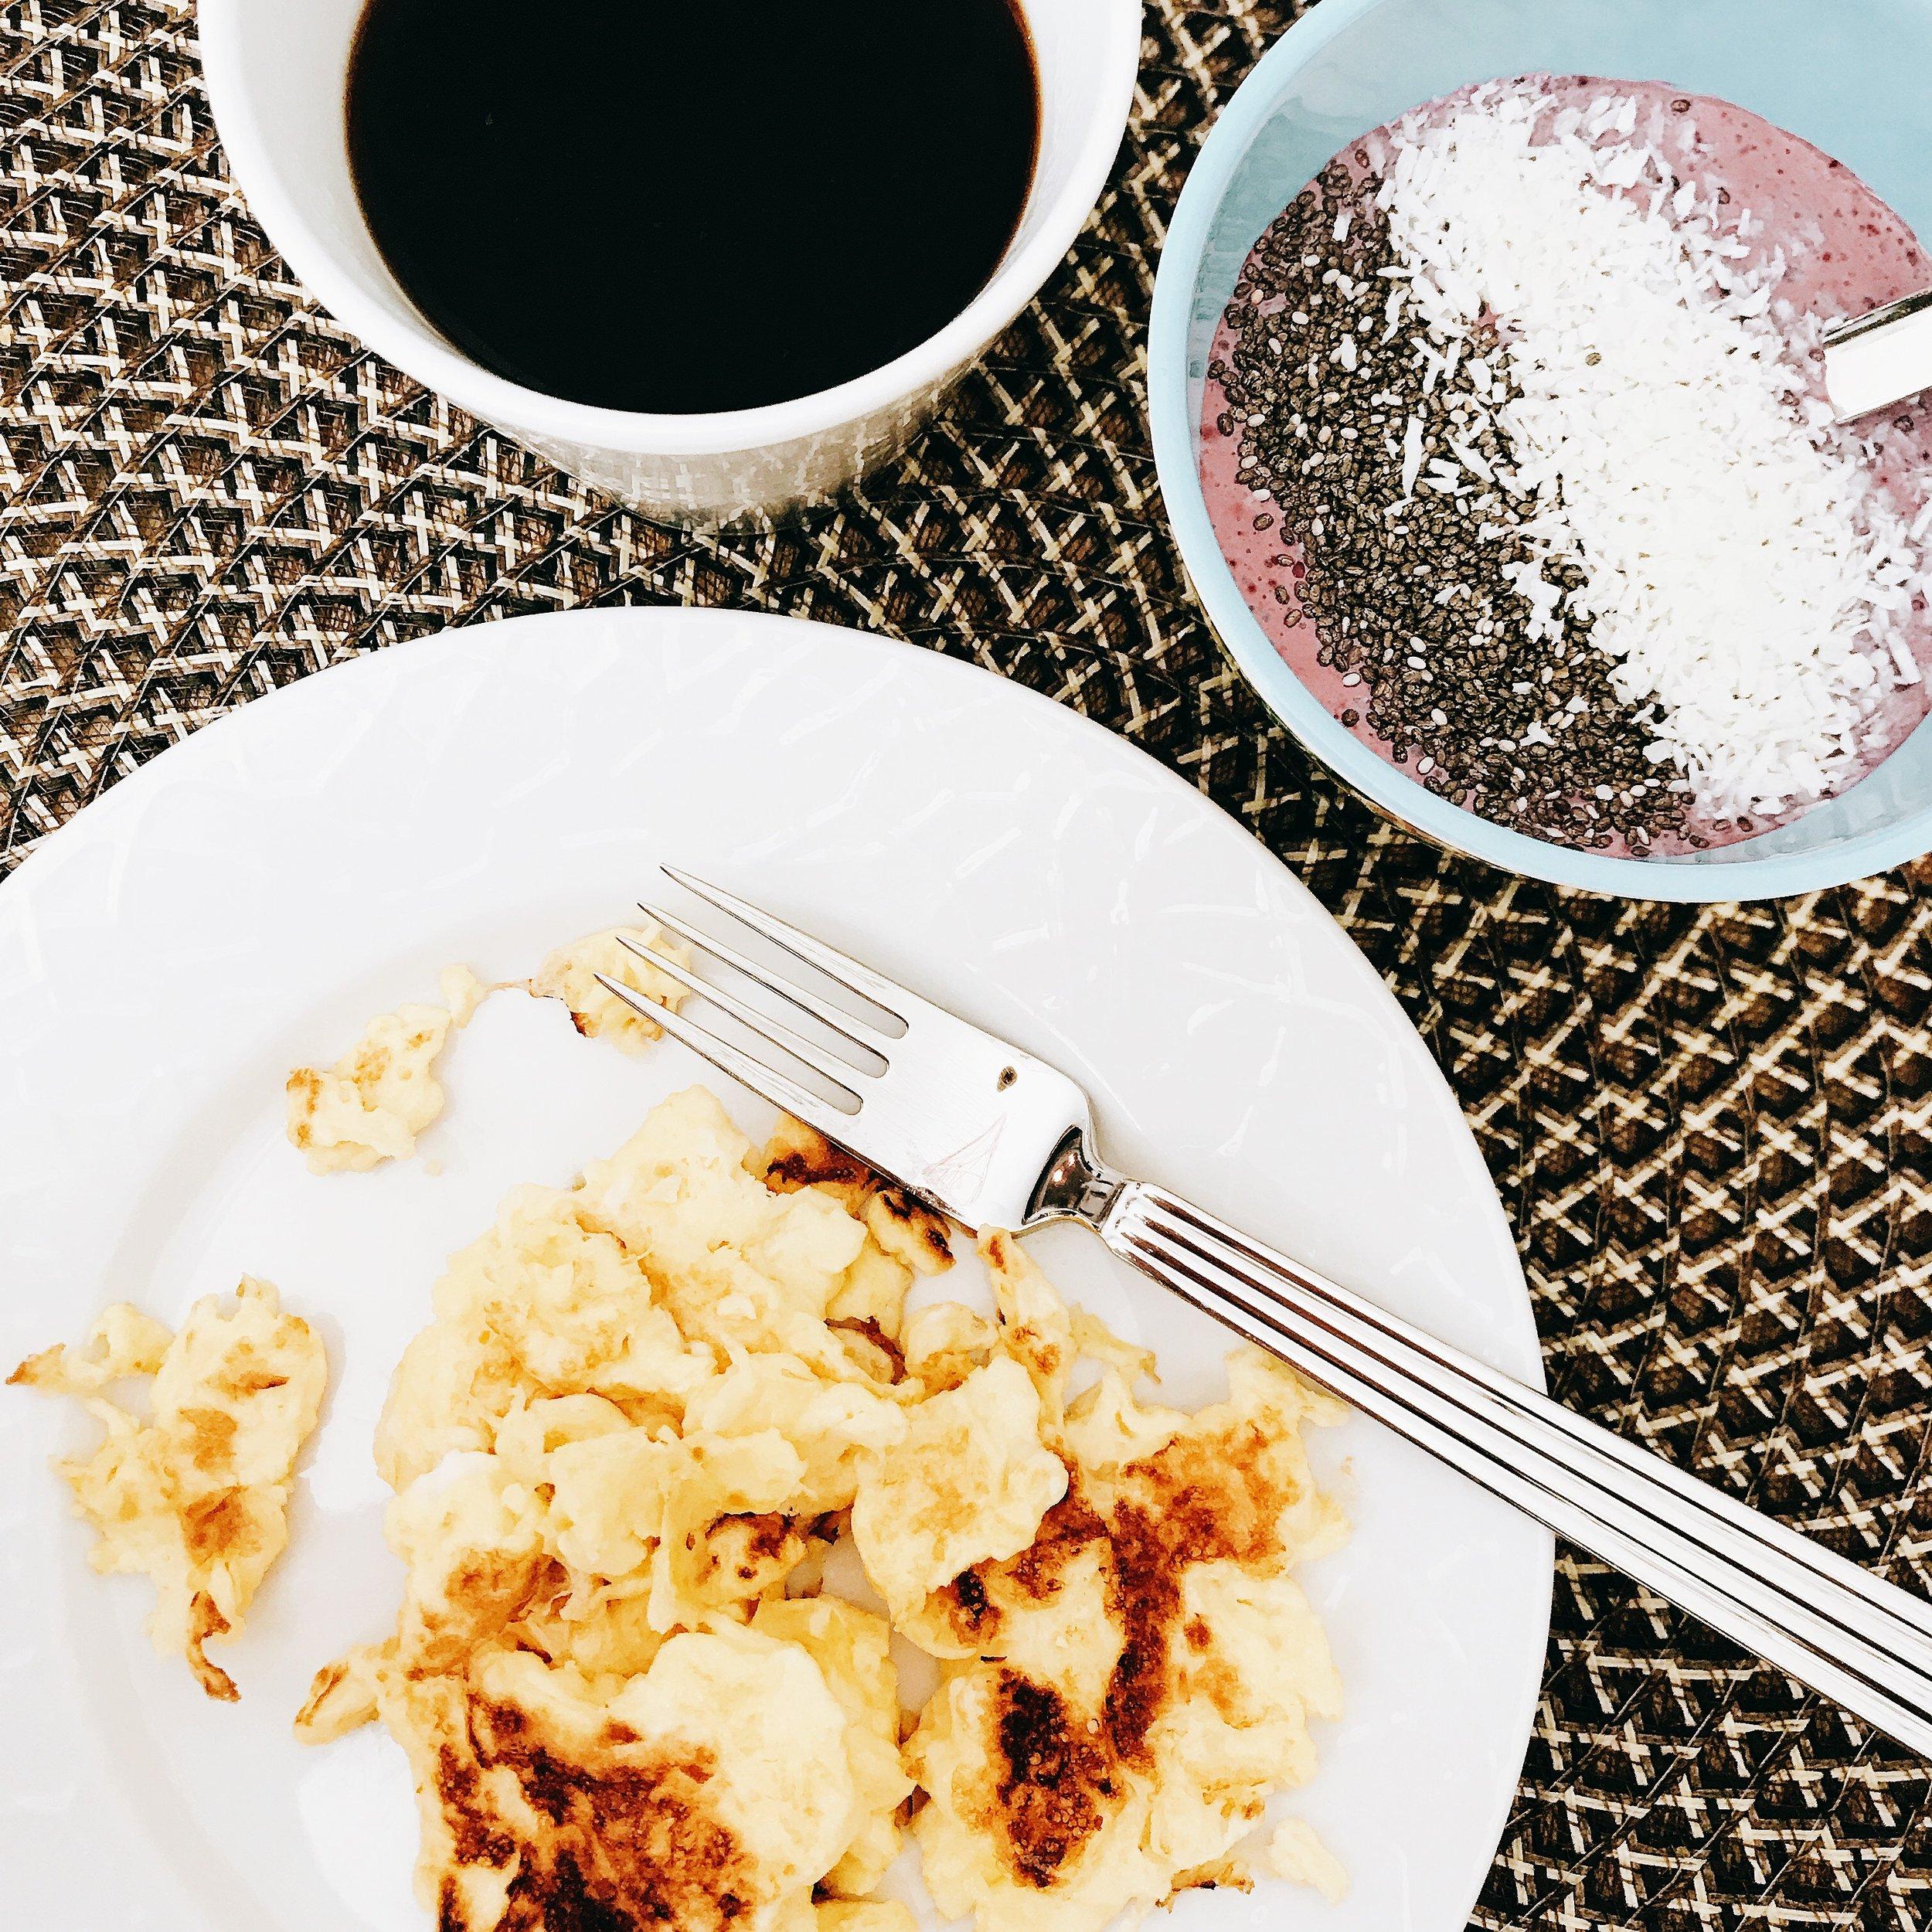 Dagens frukost: Smoothiebowl gjord på grekisk yoghurt och frysta blåbär (ekologiska svarta chiafrön och kokosflingor som topping), äggröra (2 st ägg) och så klart den traditionella koppen kaffe!